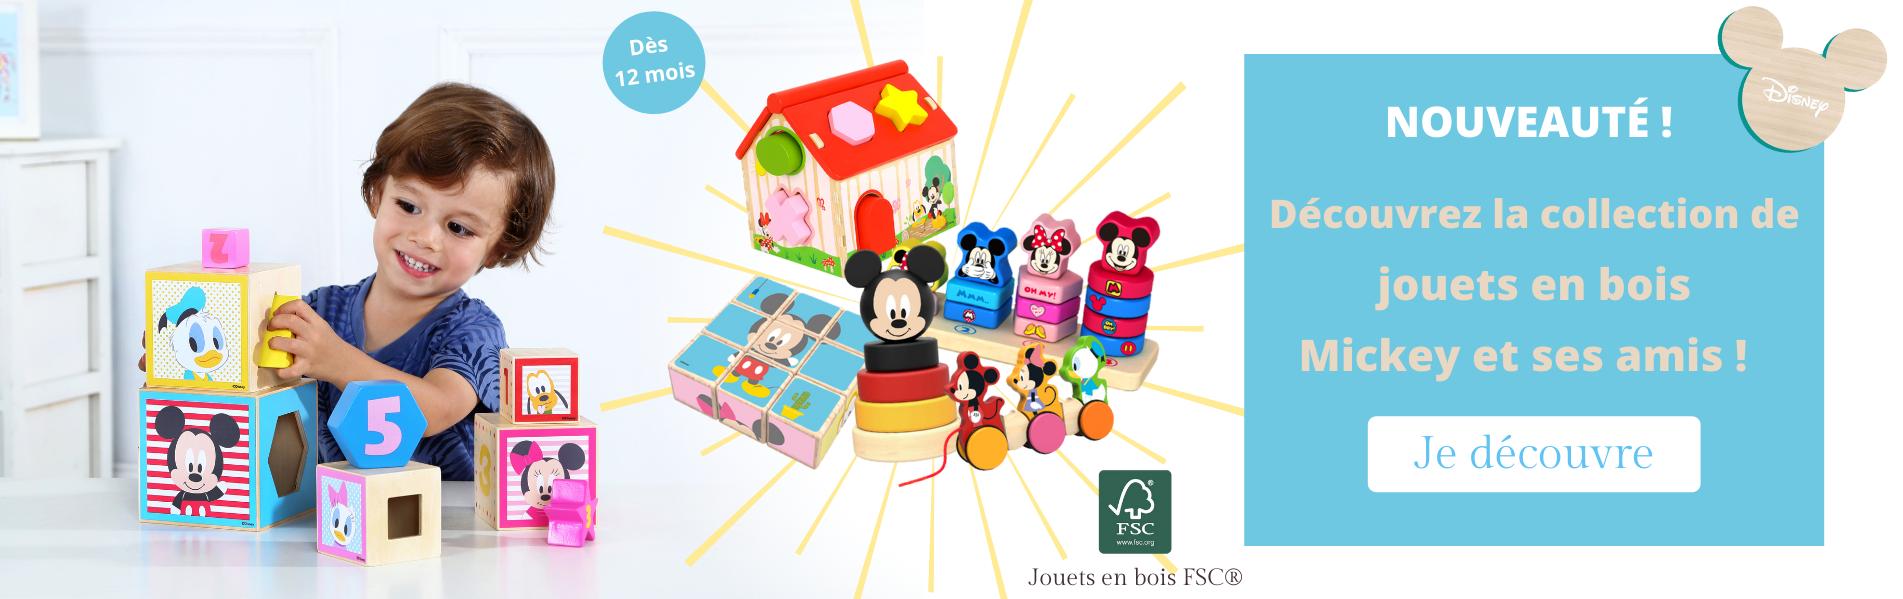 Nouvelle gamme jouets en bois FSC Disney